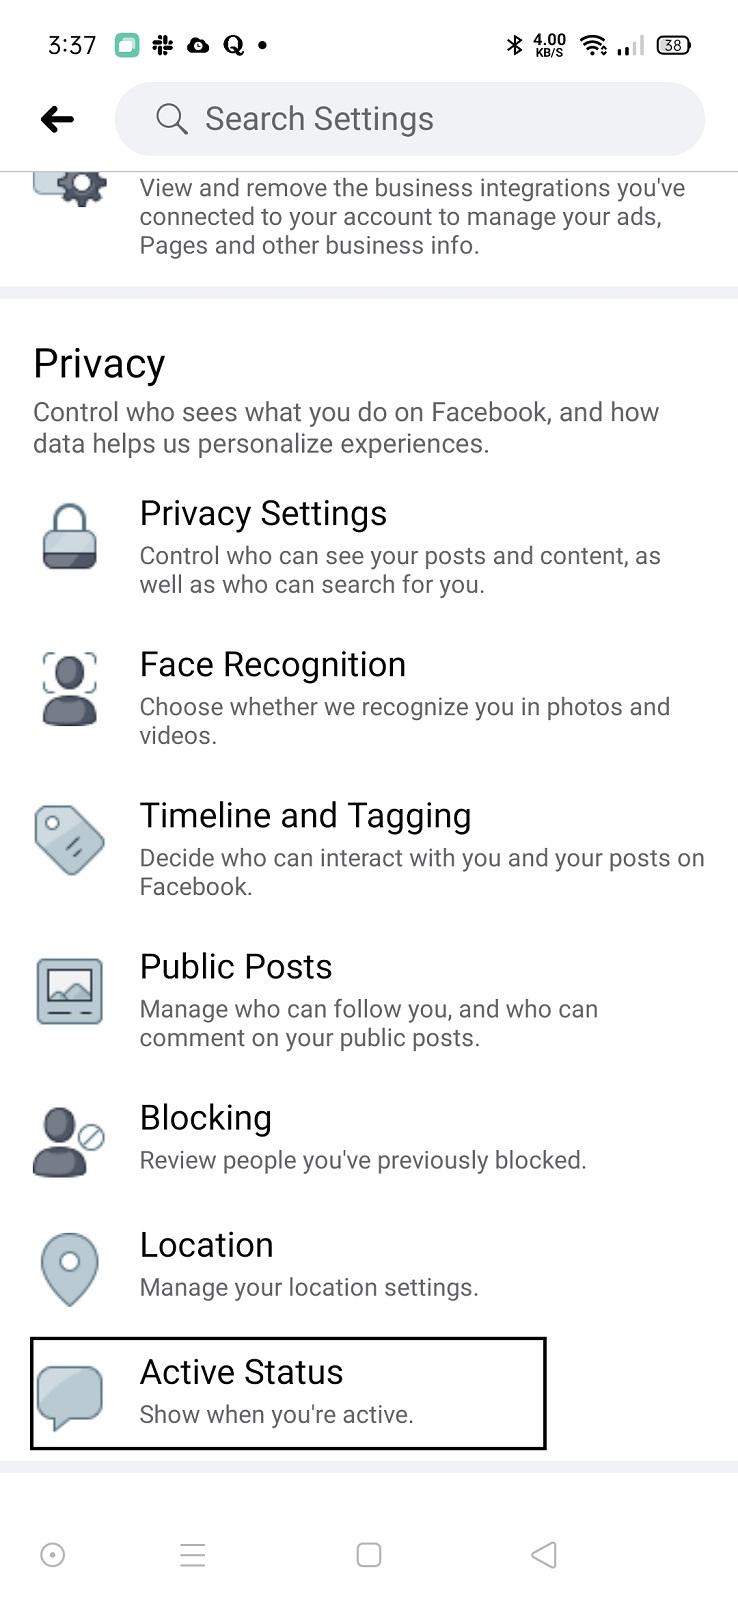 قم بالوصول إلى إعدادات الخصوصية